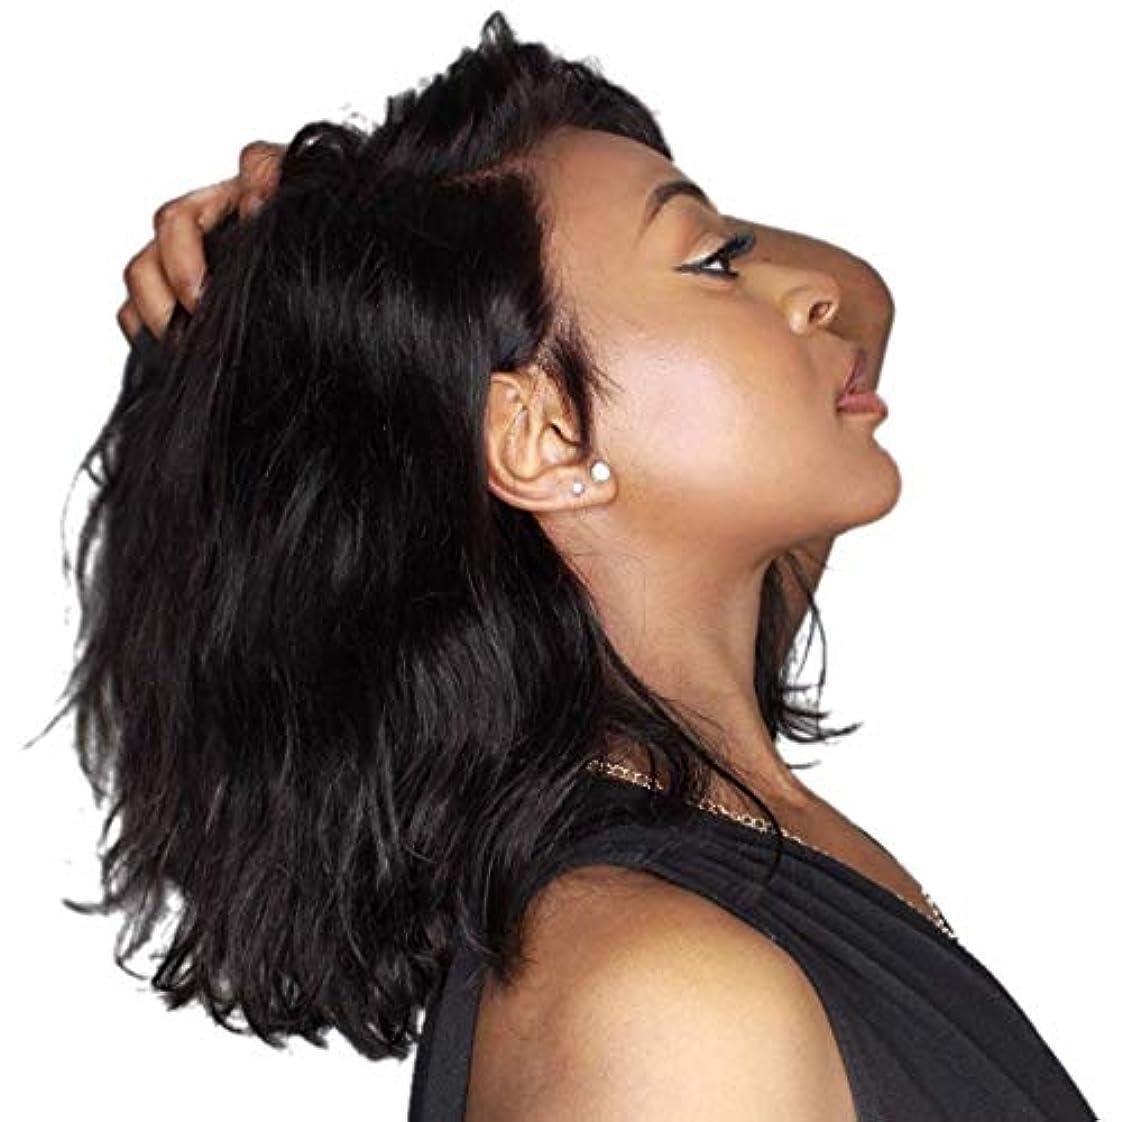 船形泳ぐレジWTYD 美容ヘアツール レースかつら人間の髪の毛自然な波Nonremy黒人女性のヘッドギア (色 : Natural Color, サイズ : One Size)